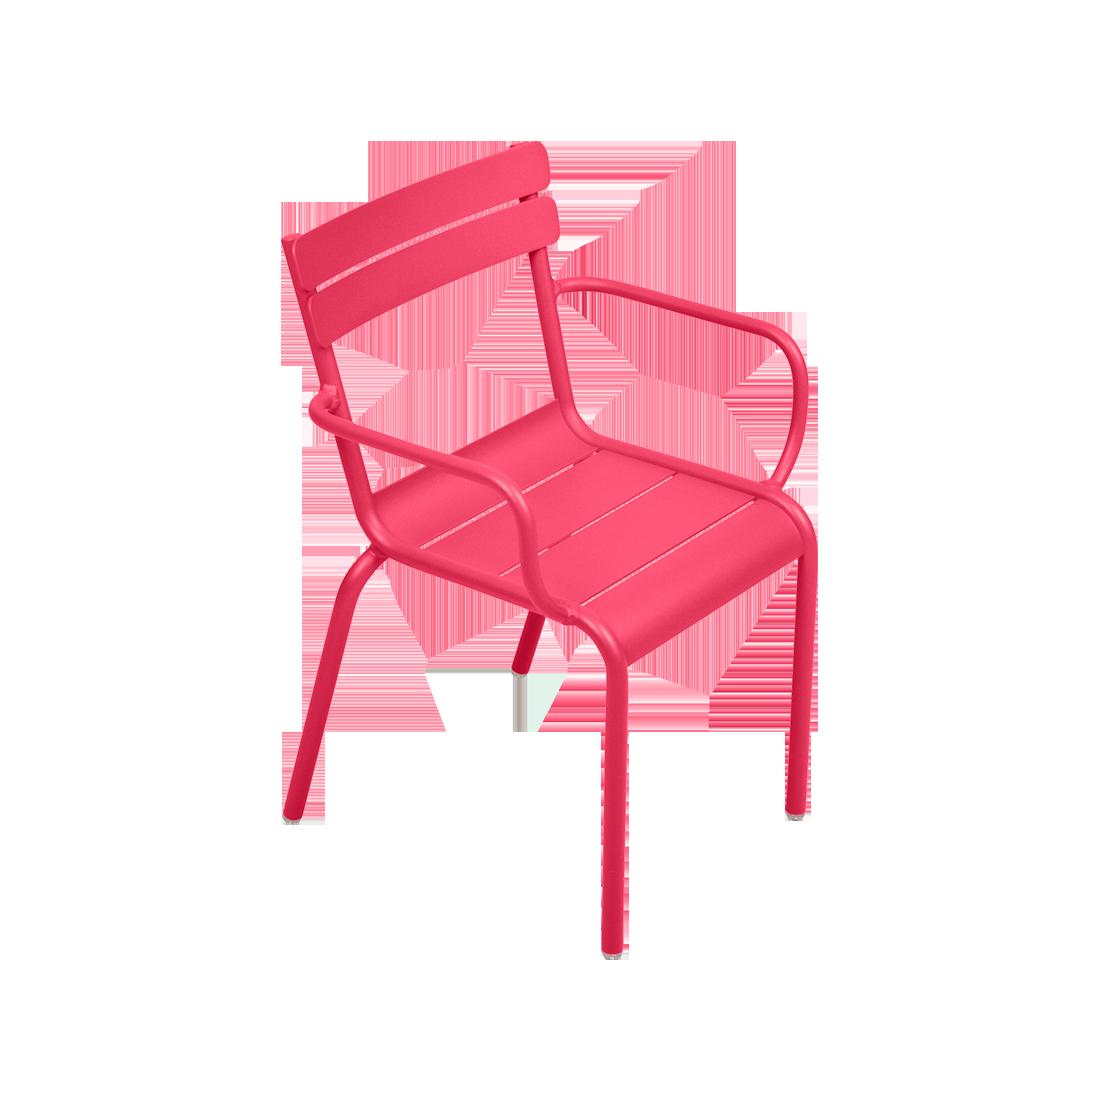 chaise enfant, chaise de jardin pour enfant, chaise metal enfant, chaise enfant rose